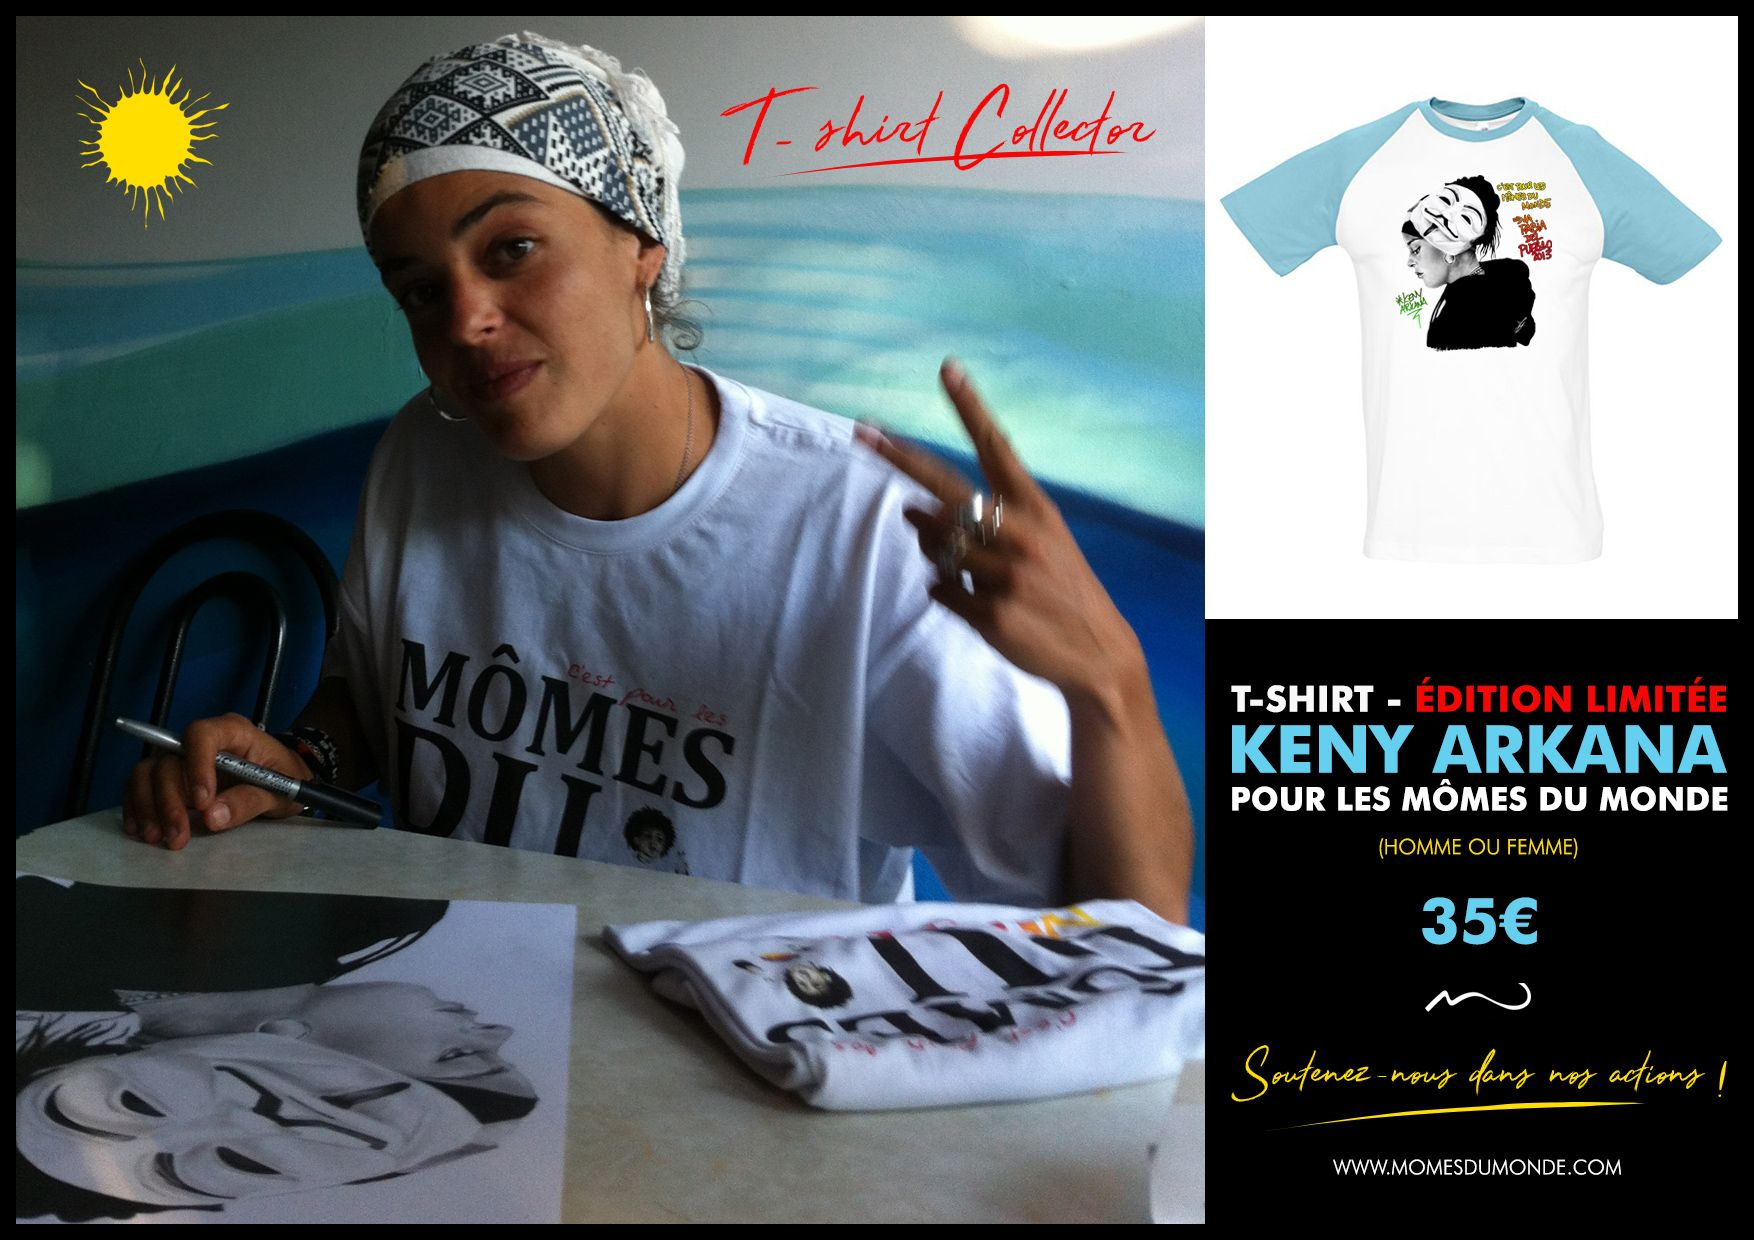 t-shirt keny arkana